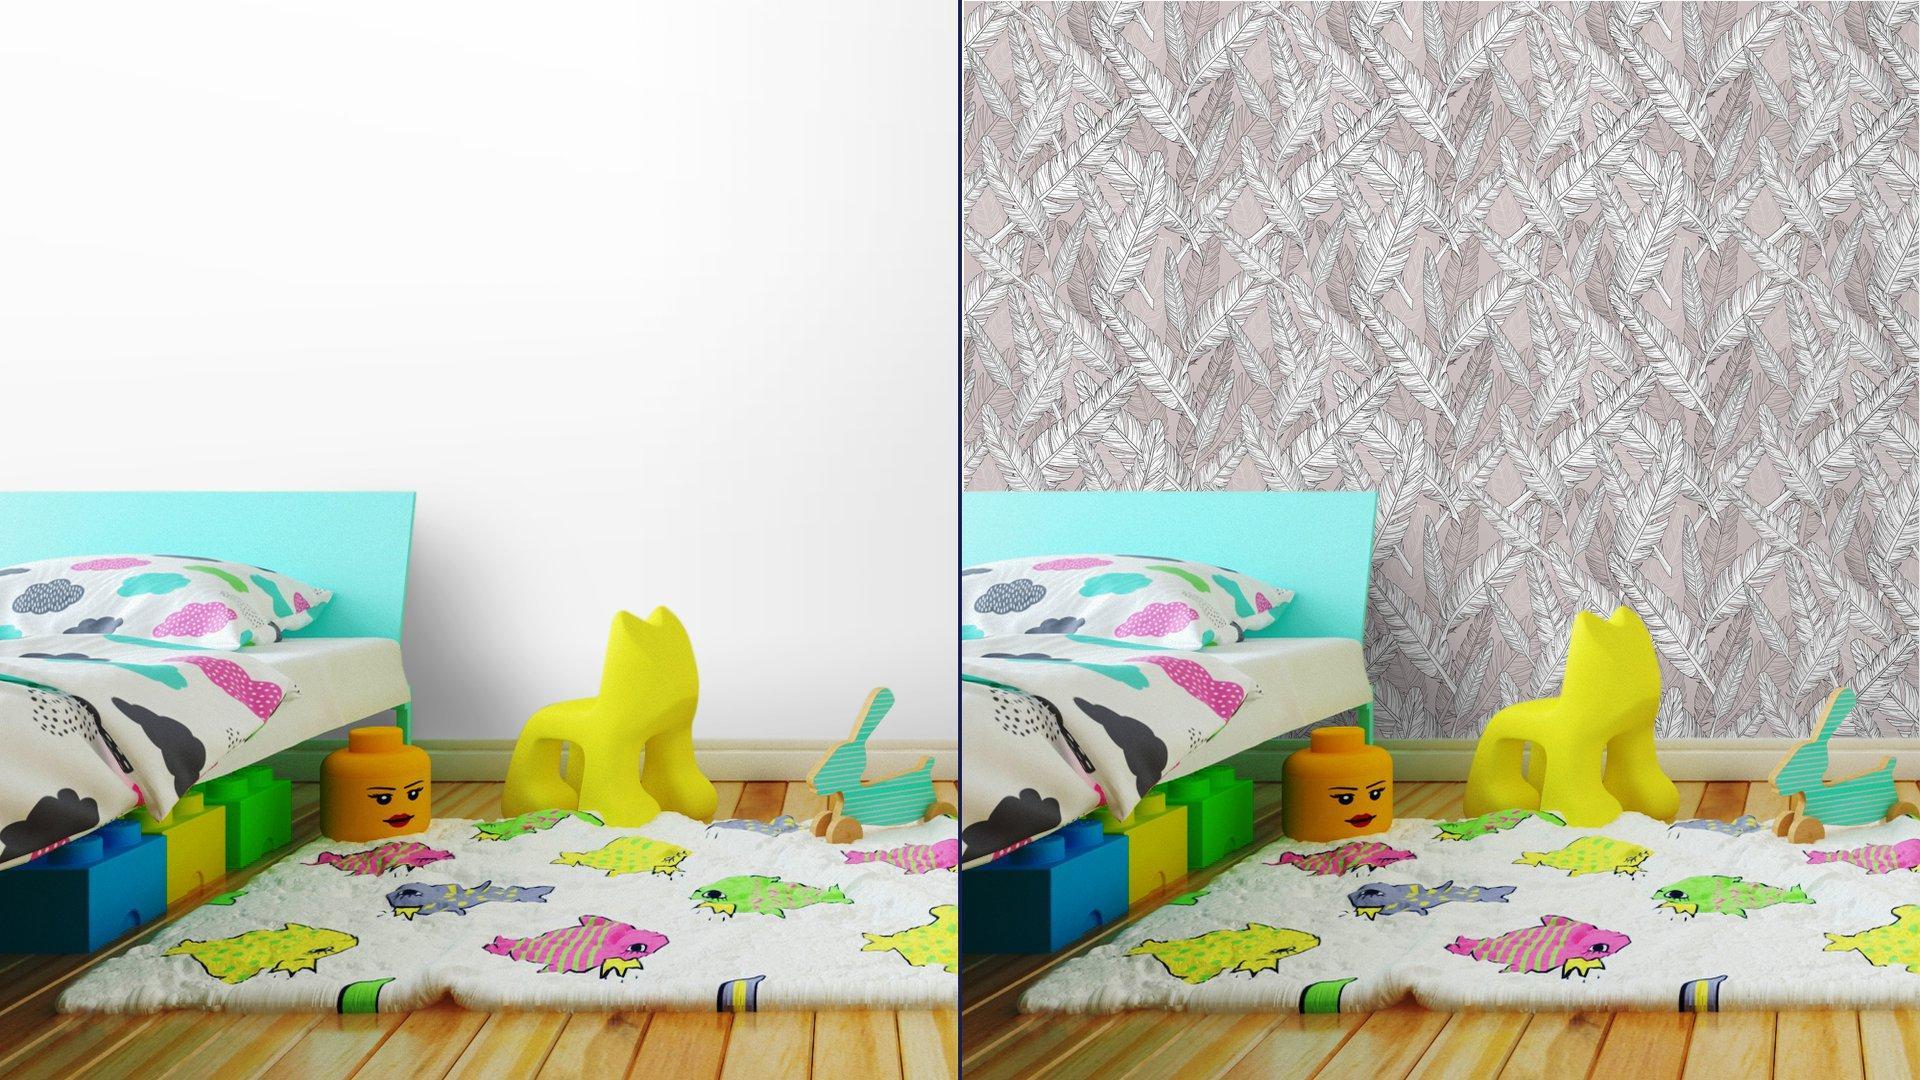 Fotomurales mexico papeles pintados patron de plumas abstract patron sin fisuras 8 - Papel Tapiz Abstracto con Patrón de Plumas 01